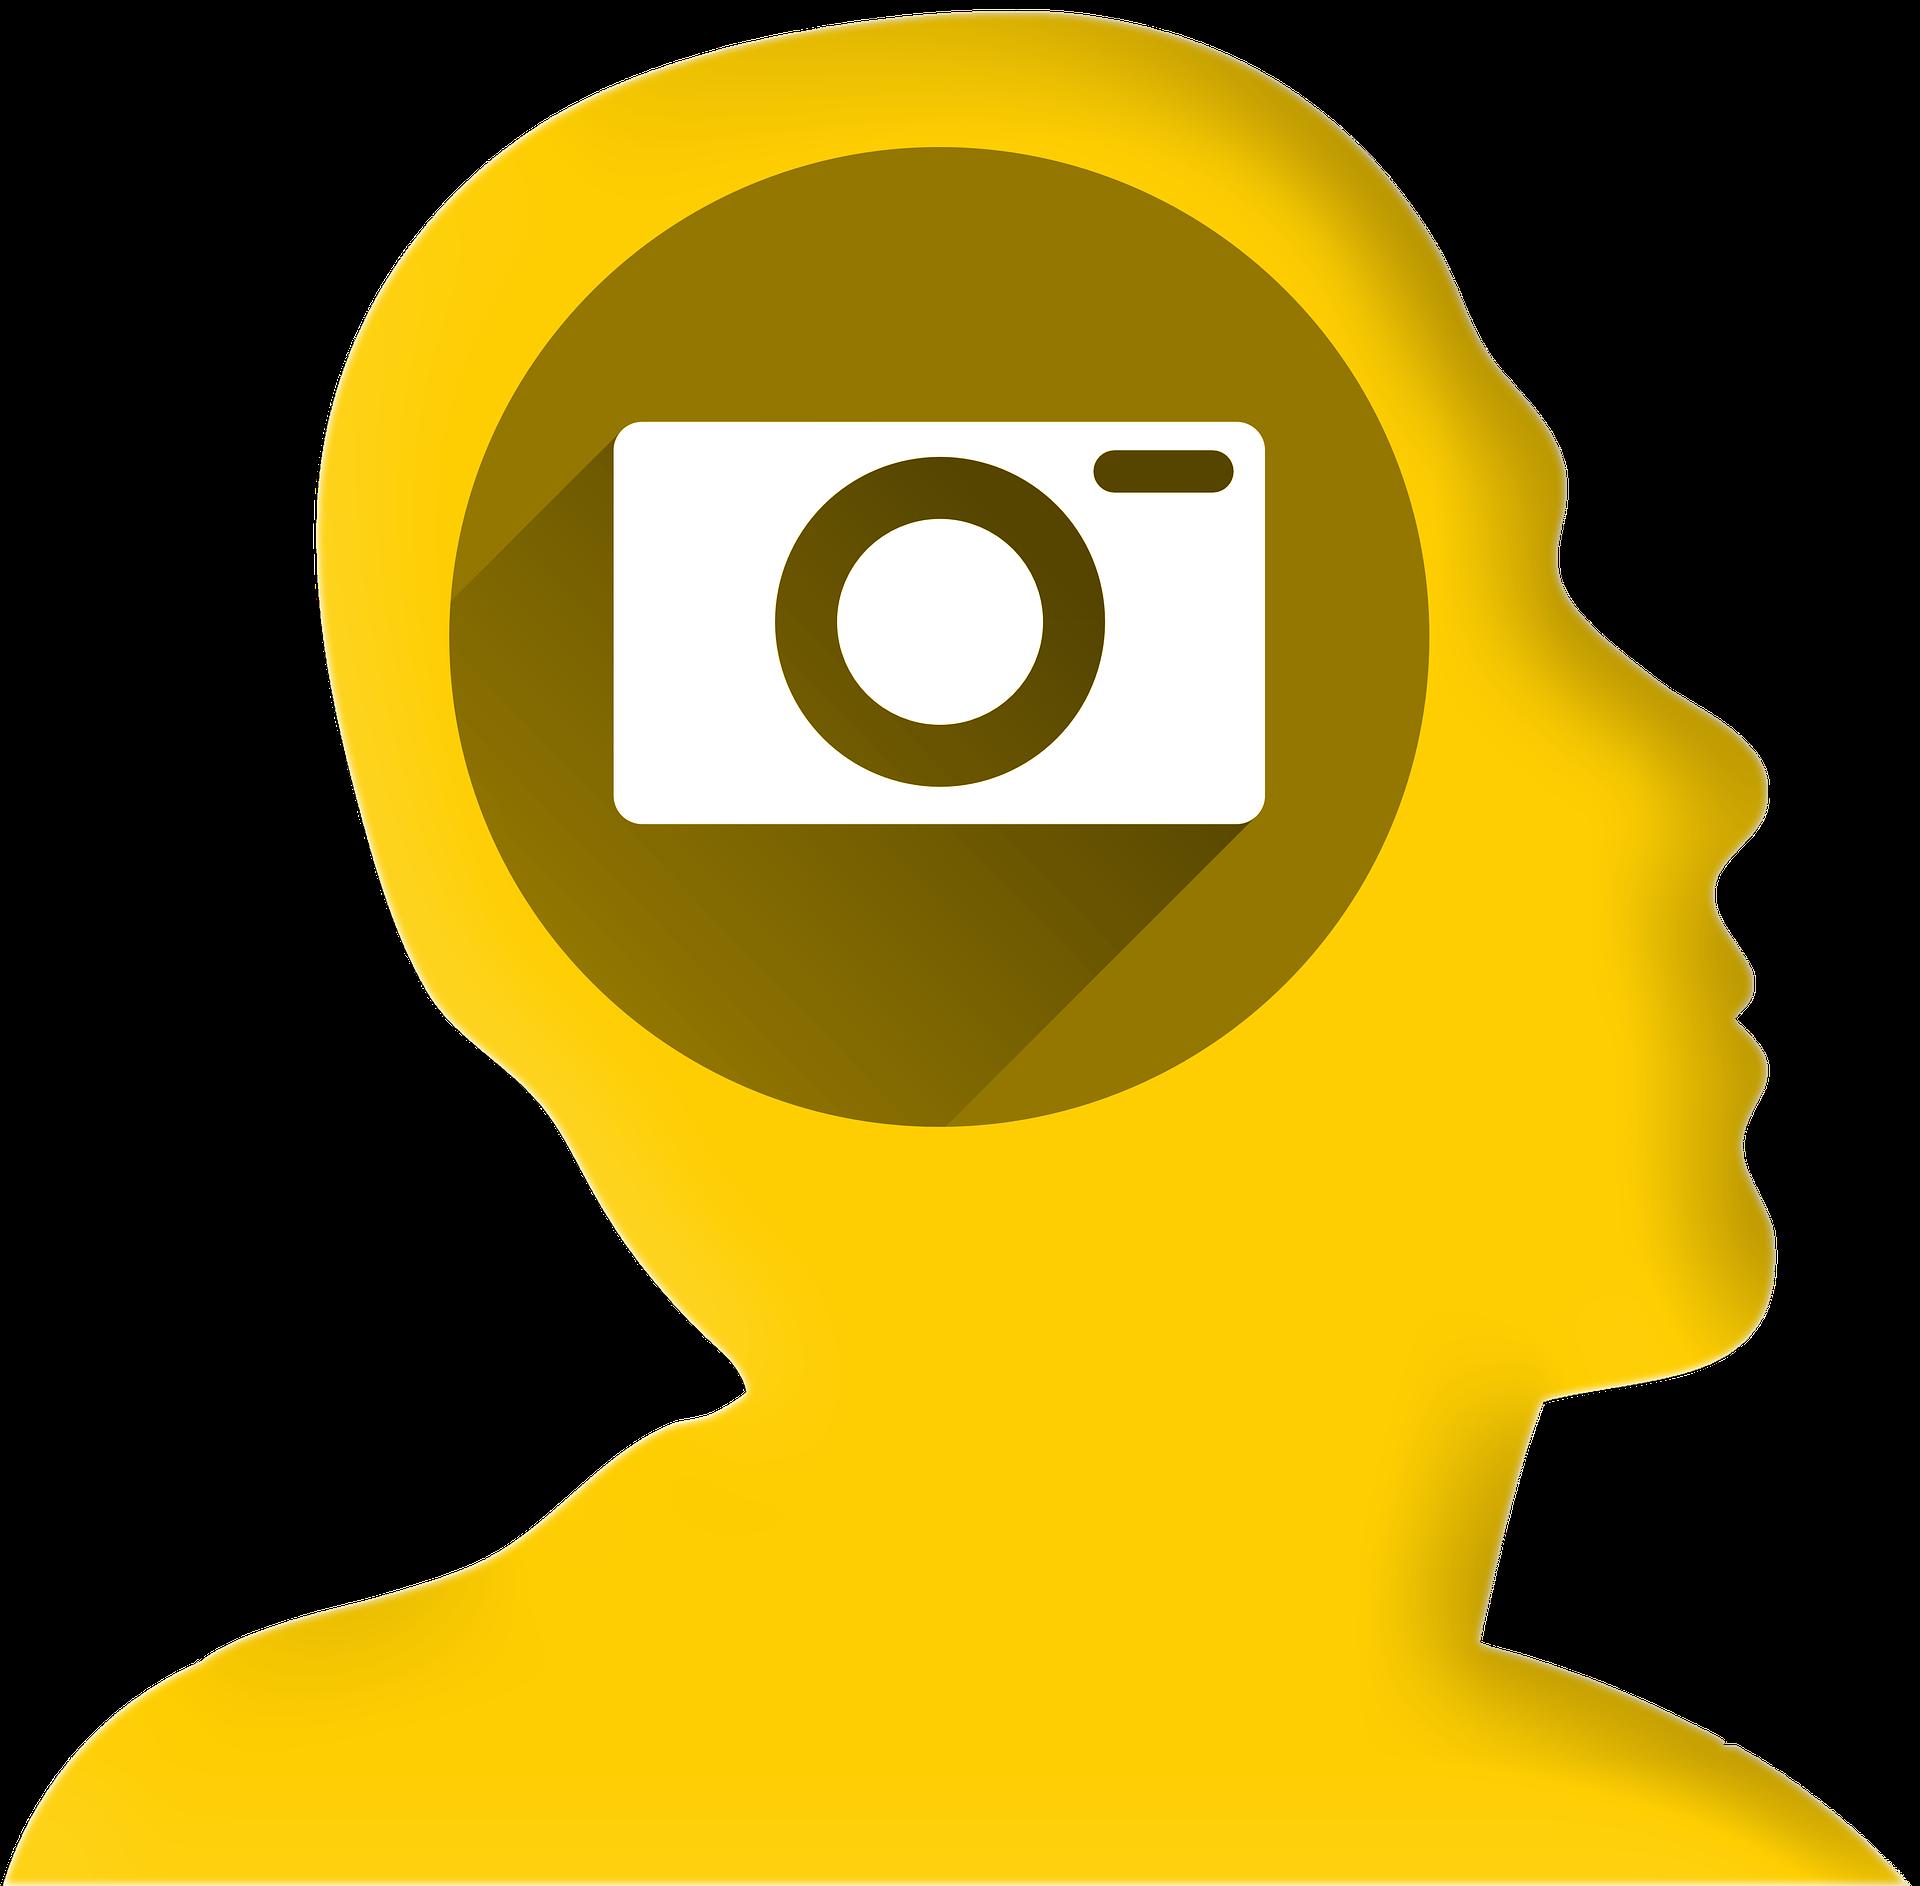 Vereinfachte Darstellung eines Kopfes mit einem Fotoapparat in der Mitte